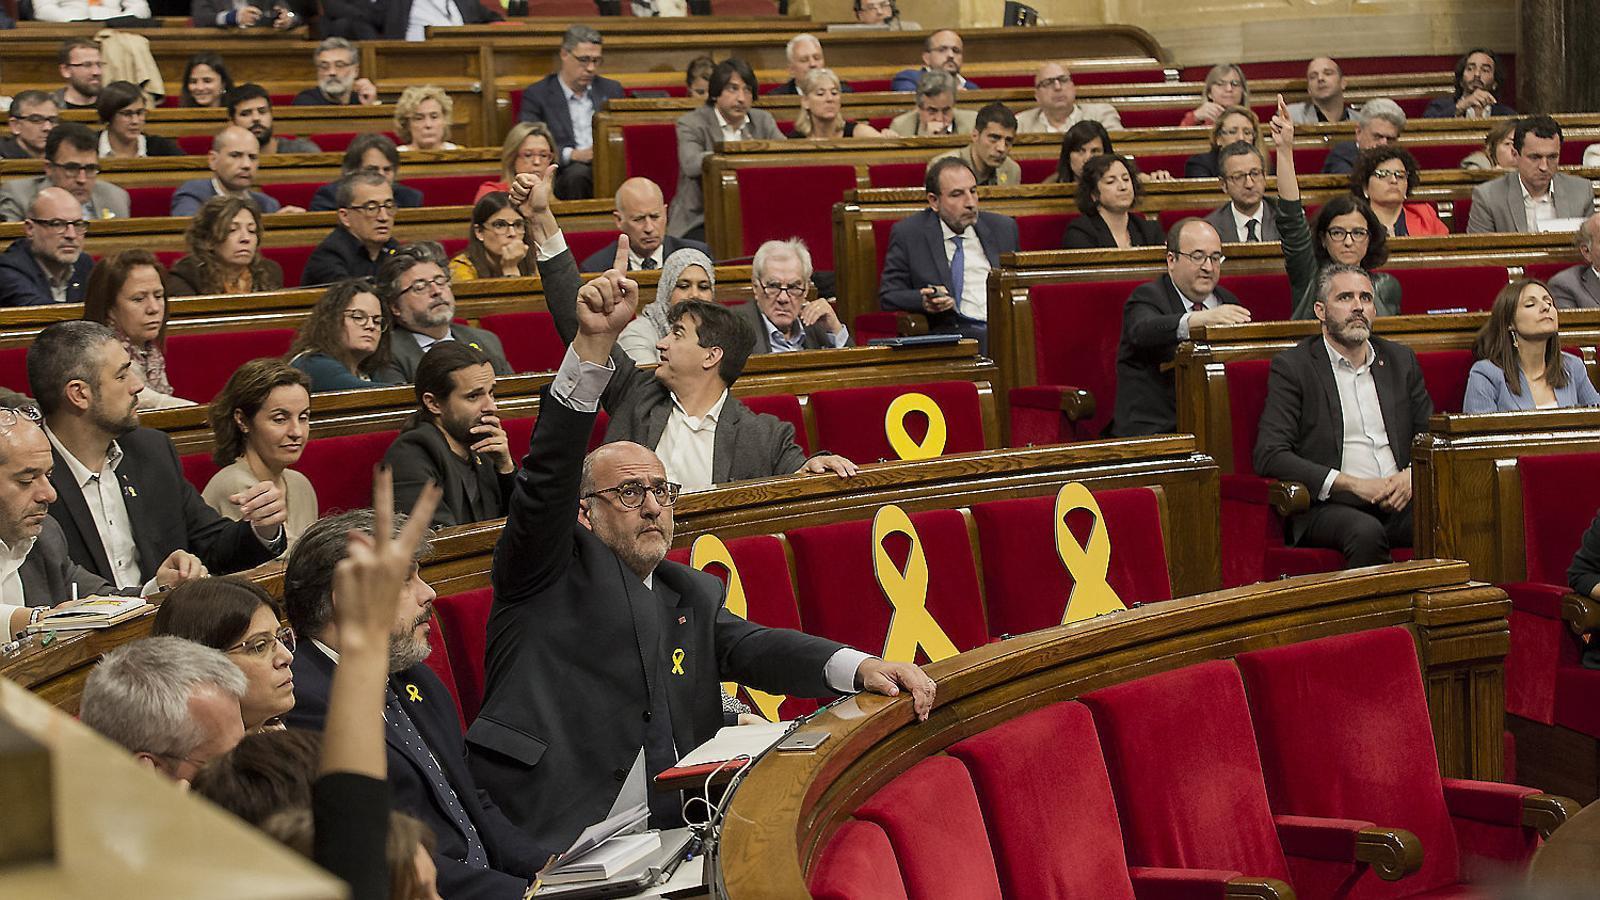 L'anàlisi d'Antoni Bassas: 'La gran amenaça que s'acosta'